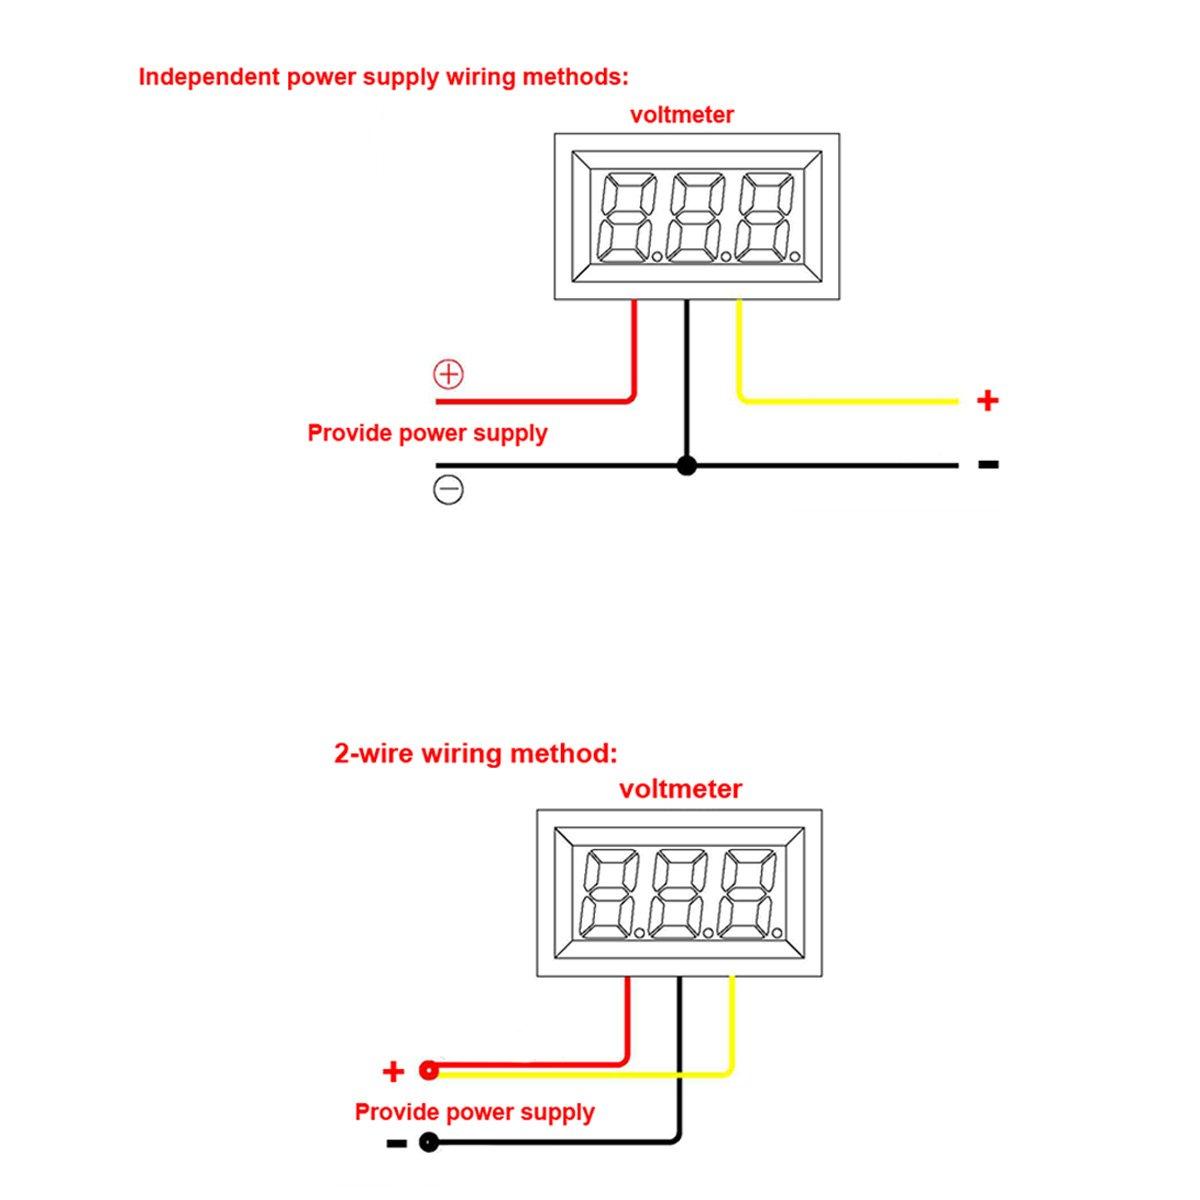 Drok 100282 056 Digital Dc Voltmeter Panel Volt Meter Gauge Led Cr7 Green Display 0 300v Voltage Tester Industrial Scientific